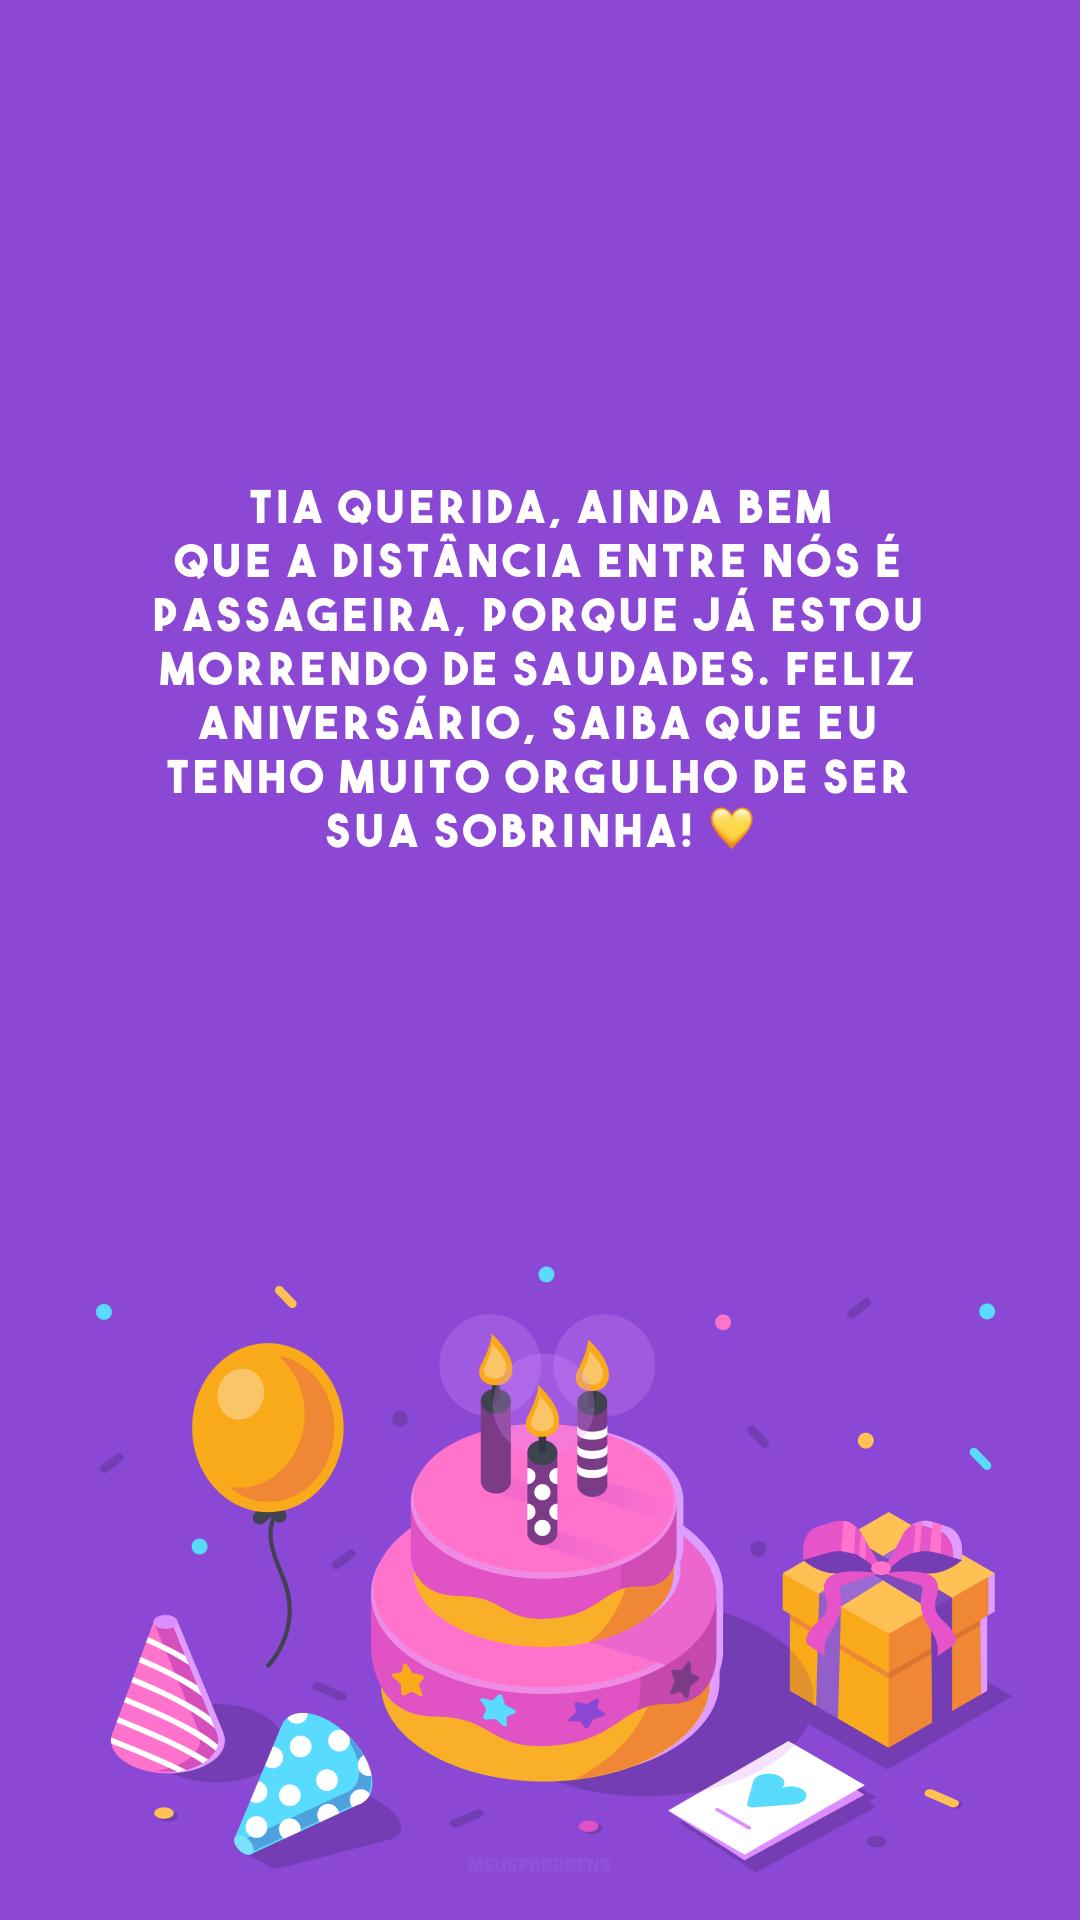 Tia querida, ainda bem que a distância entre nós é passageira, porque já estou morrendo de saudades. Feliz aniversário, saiba que eu tenho muito orgulho de ser sua sobrinha! 💛